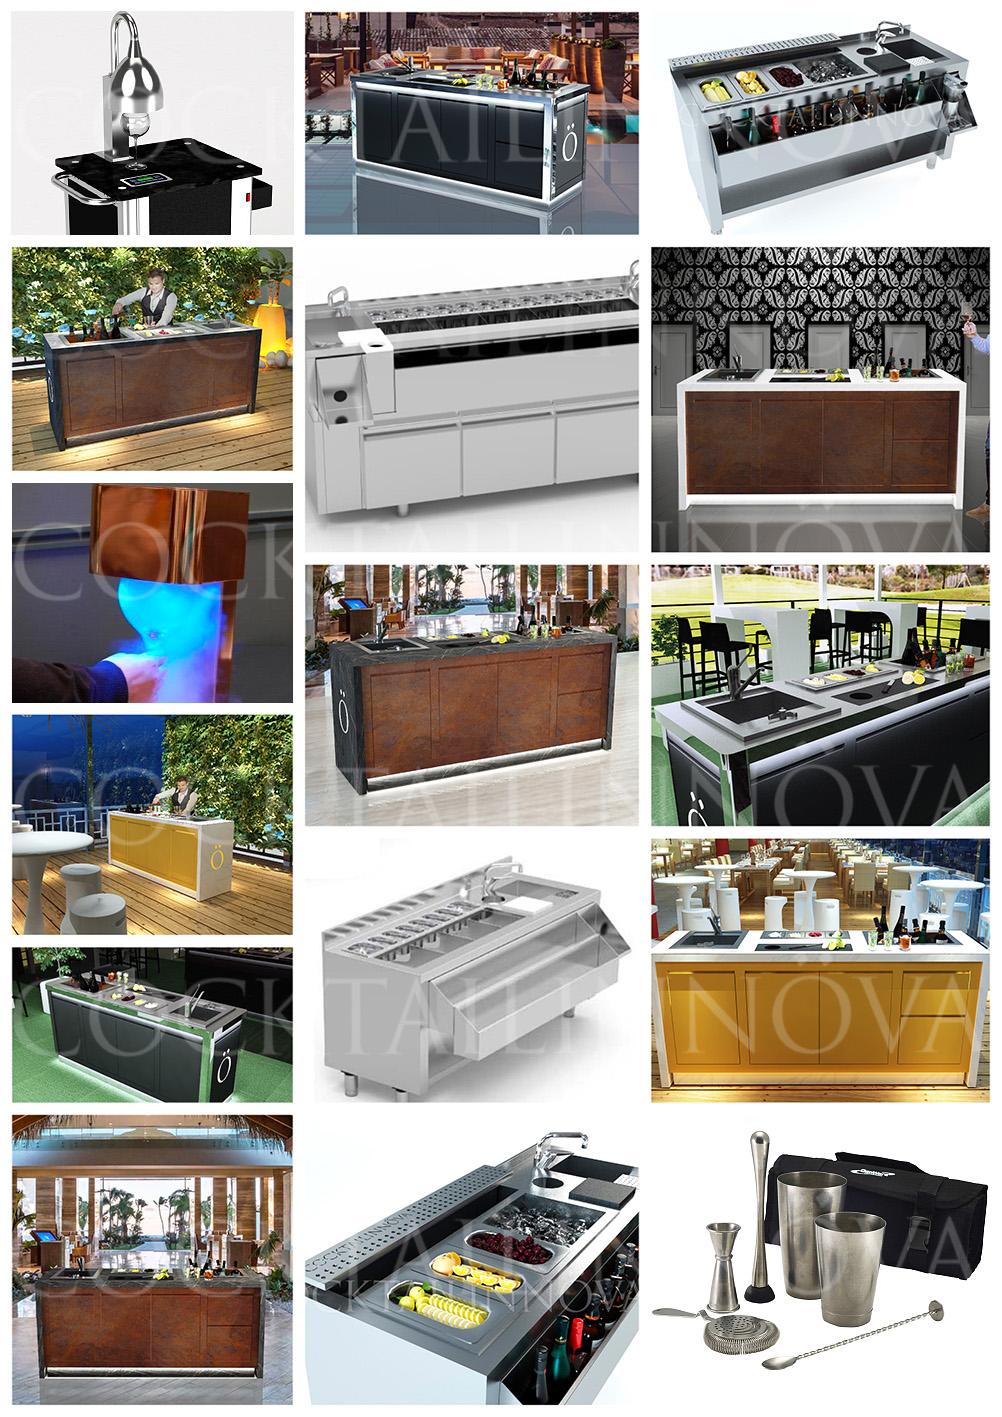 cocktailinnova-estaciones-barras-mesas-preparacion-cocteleria-cocktail-a-medida-personalizados-mobiliario-madrid-españa-fabricantes-fabricacion-instalación-diseño-proyectos-coctelería-lujo-premium-particulares-terrazas-restaurantes-hoteles-bares-iluminación-led-maquinaria-accesorios-utensilios-para-barman-bartenders